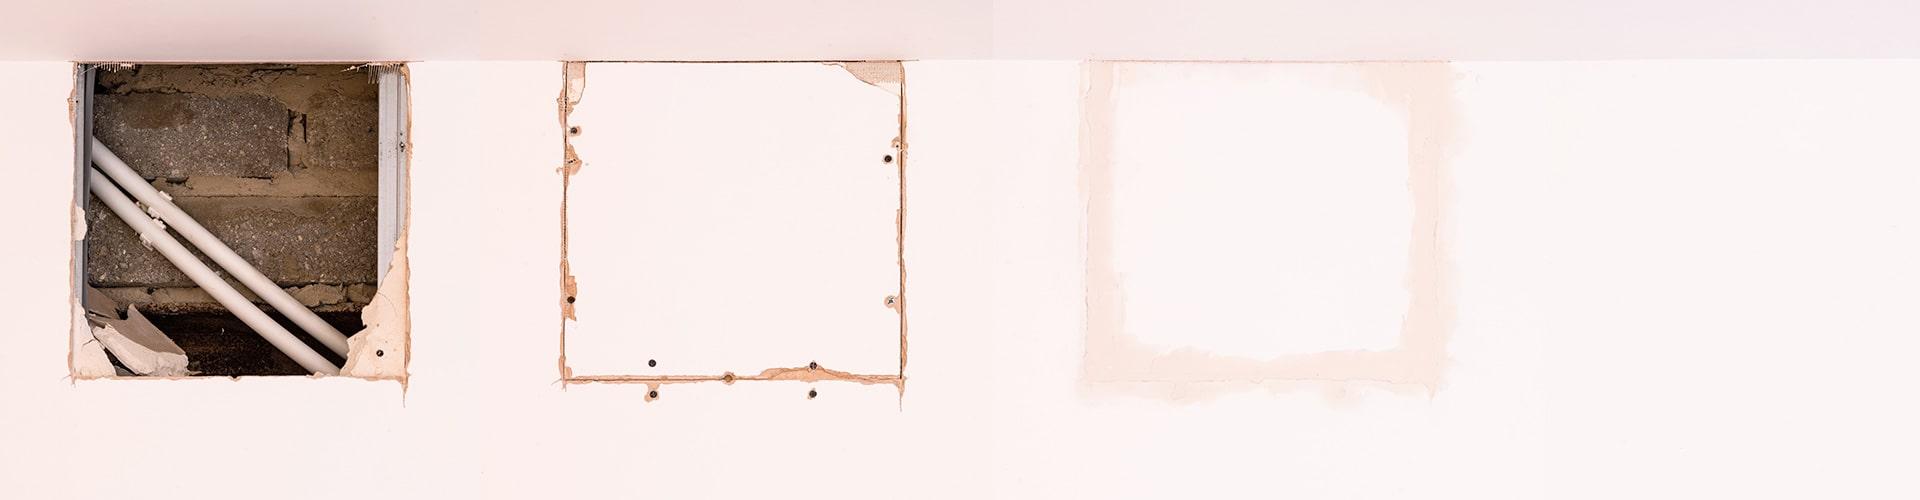 Remplacer Une Porte Par Du Placo reboucher un trou d'un mur en placo : enduit et techniques